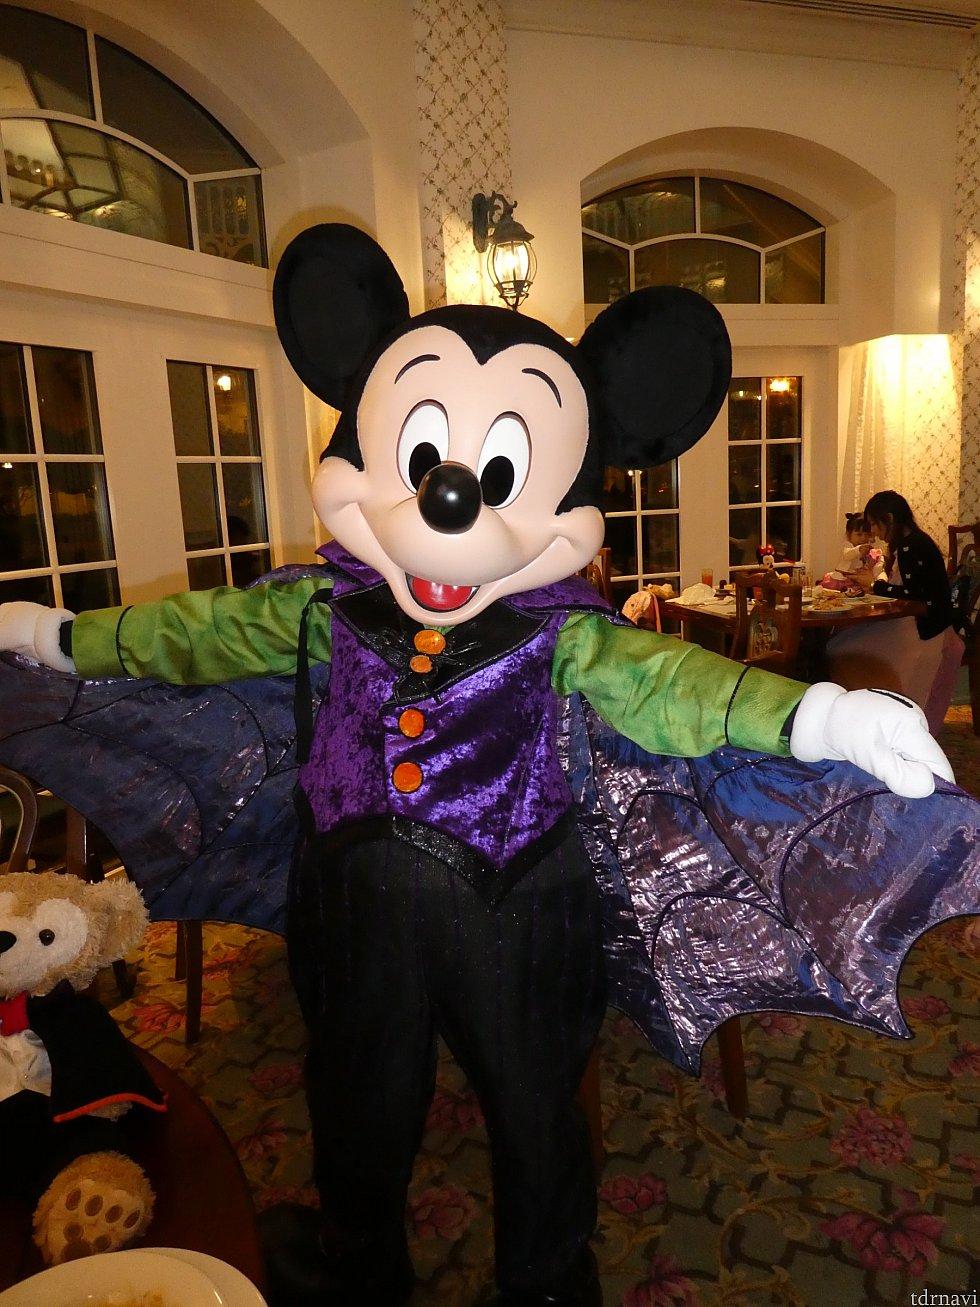 ハロウィンなので、ミッキーはコウモリマント衣装